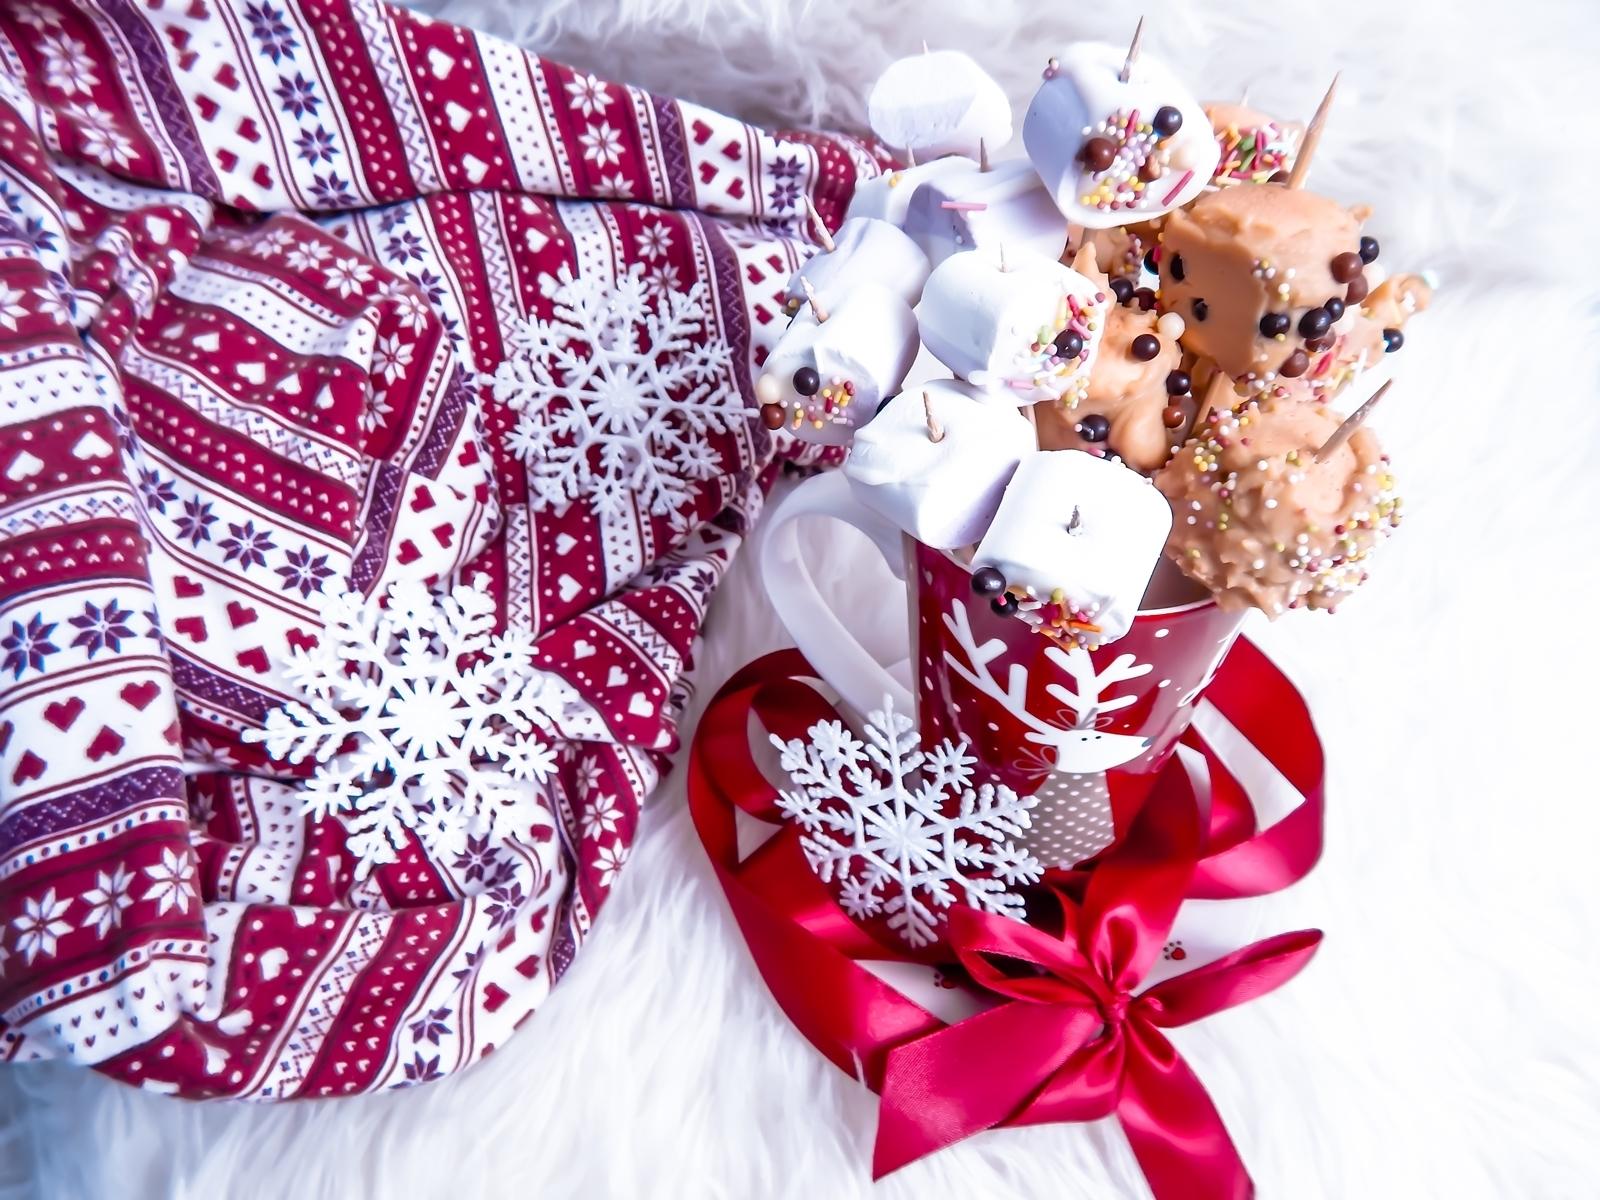 1 melodylaniella cook with 5 prostych pomysłów na świąteczne słodycze bożonarodzeniowe przekąski słodycze w świątecznym klimacie szybkie proste przepisy na desery przekąski słodkości babeczki tarta ciastka pianki